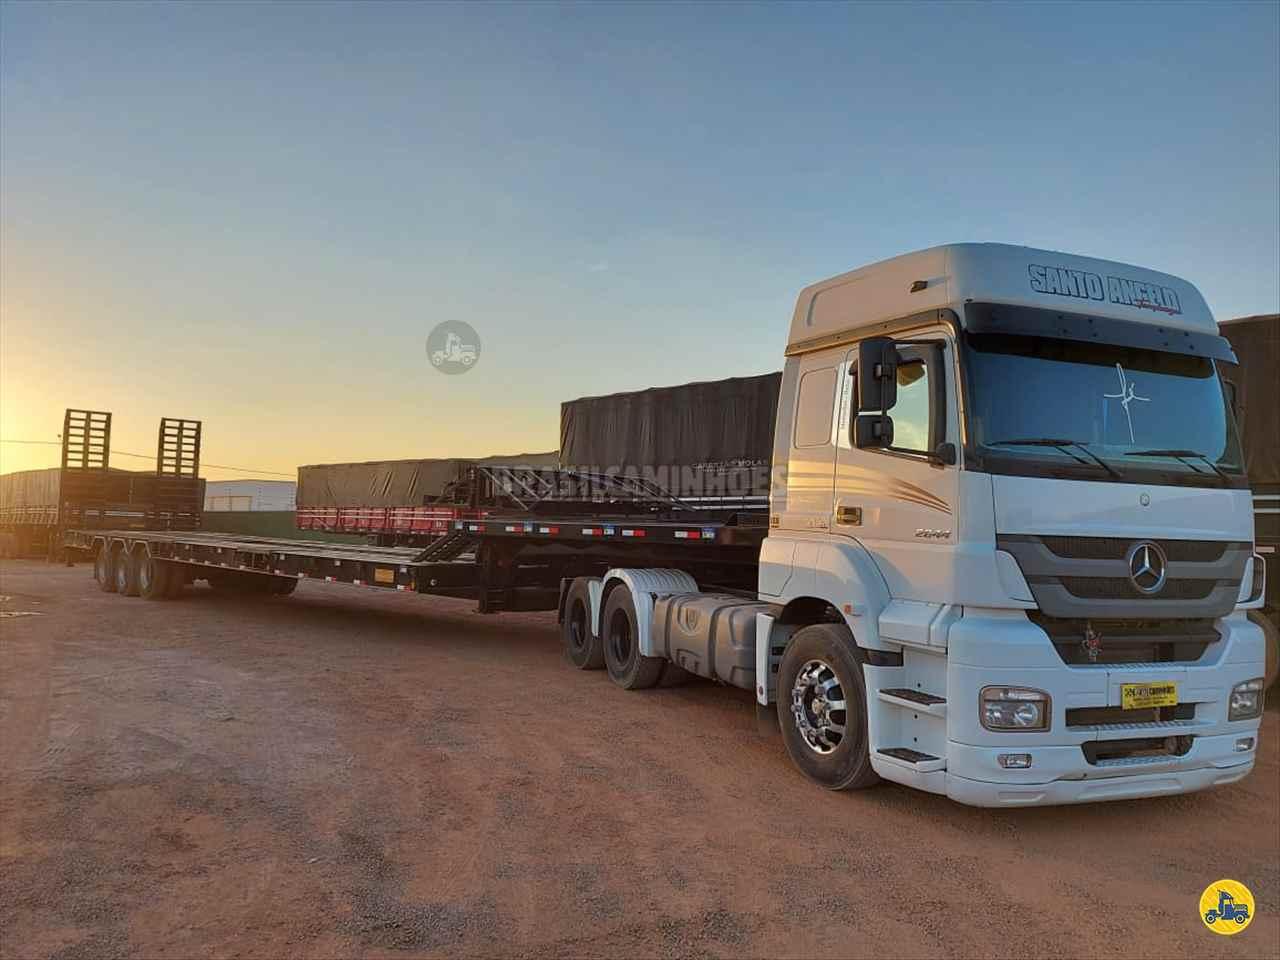 CAMINHAO MERCEDES-BENZ MB 2644 Plataforma Traçado 6x4 Brasil Caminhões Sinop SINOP MATO GROSSO MT